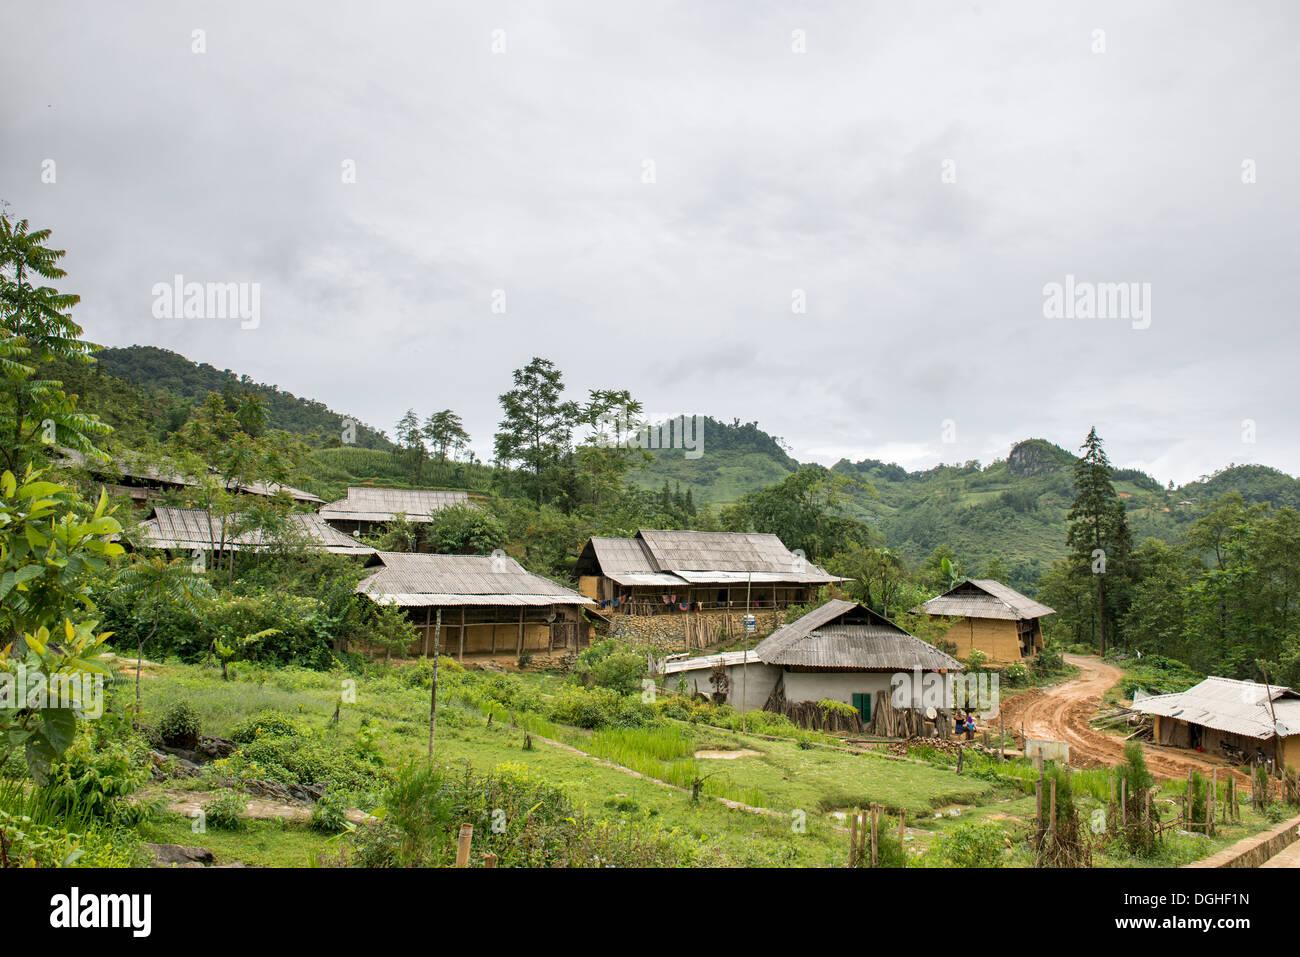 Minority group flower Hmong village landscape , Bac Ha, Lao Cai, Vietnam - Stock Image